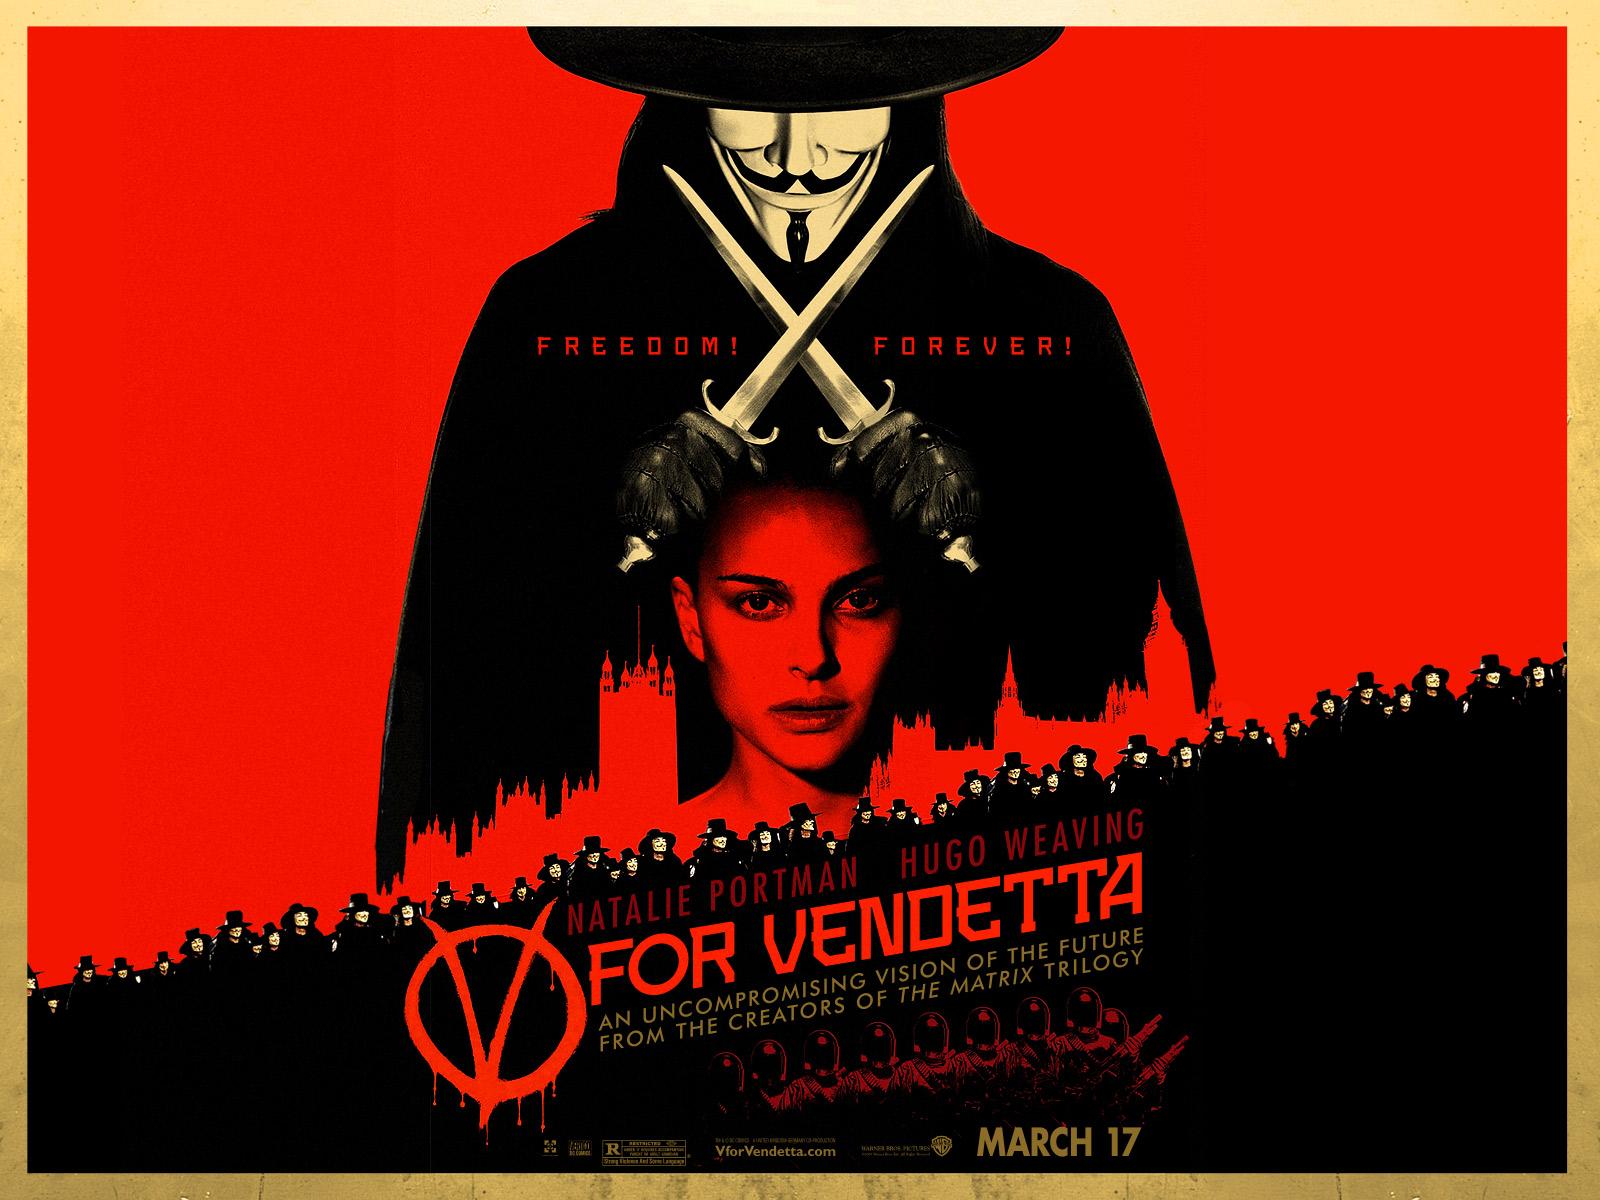 http://3.bp.blogspot.com/-Dcg7oFl0OU4/Tgvrk_16SCI/AAAAAAAAEP0/nI0CZPjcXVM/s1600/2006_v_for_vendetta_wallpaper_004.jpg